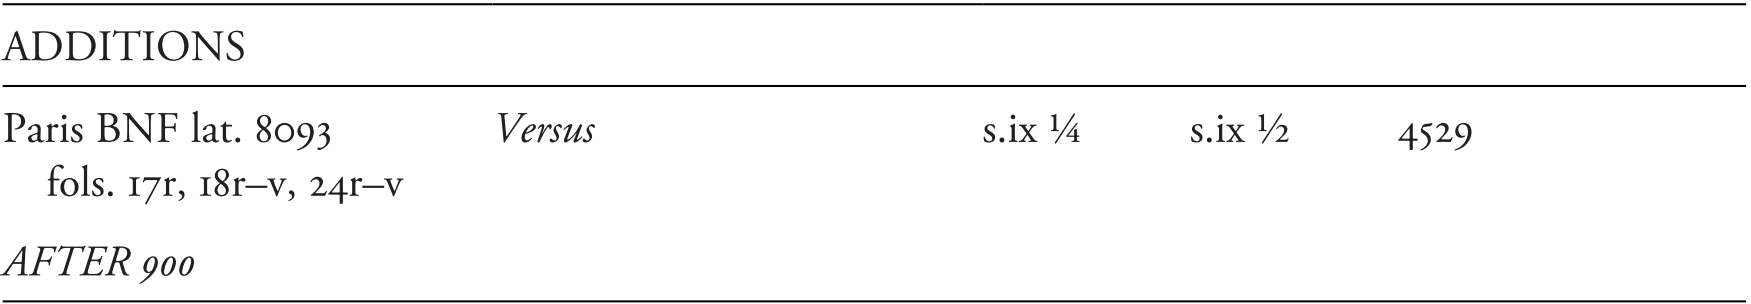 rychlost datování honolulu